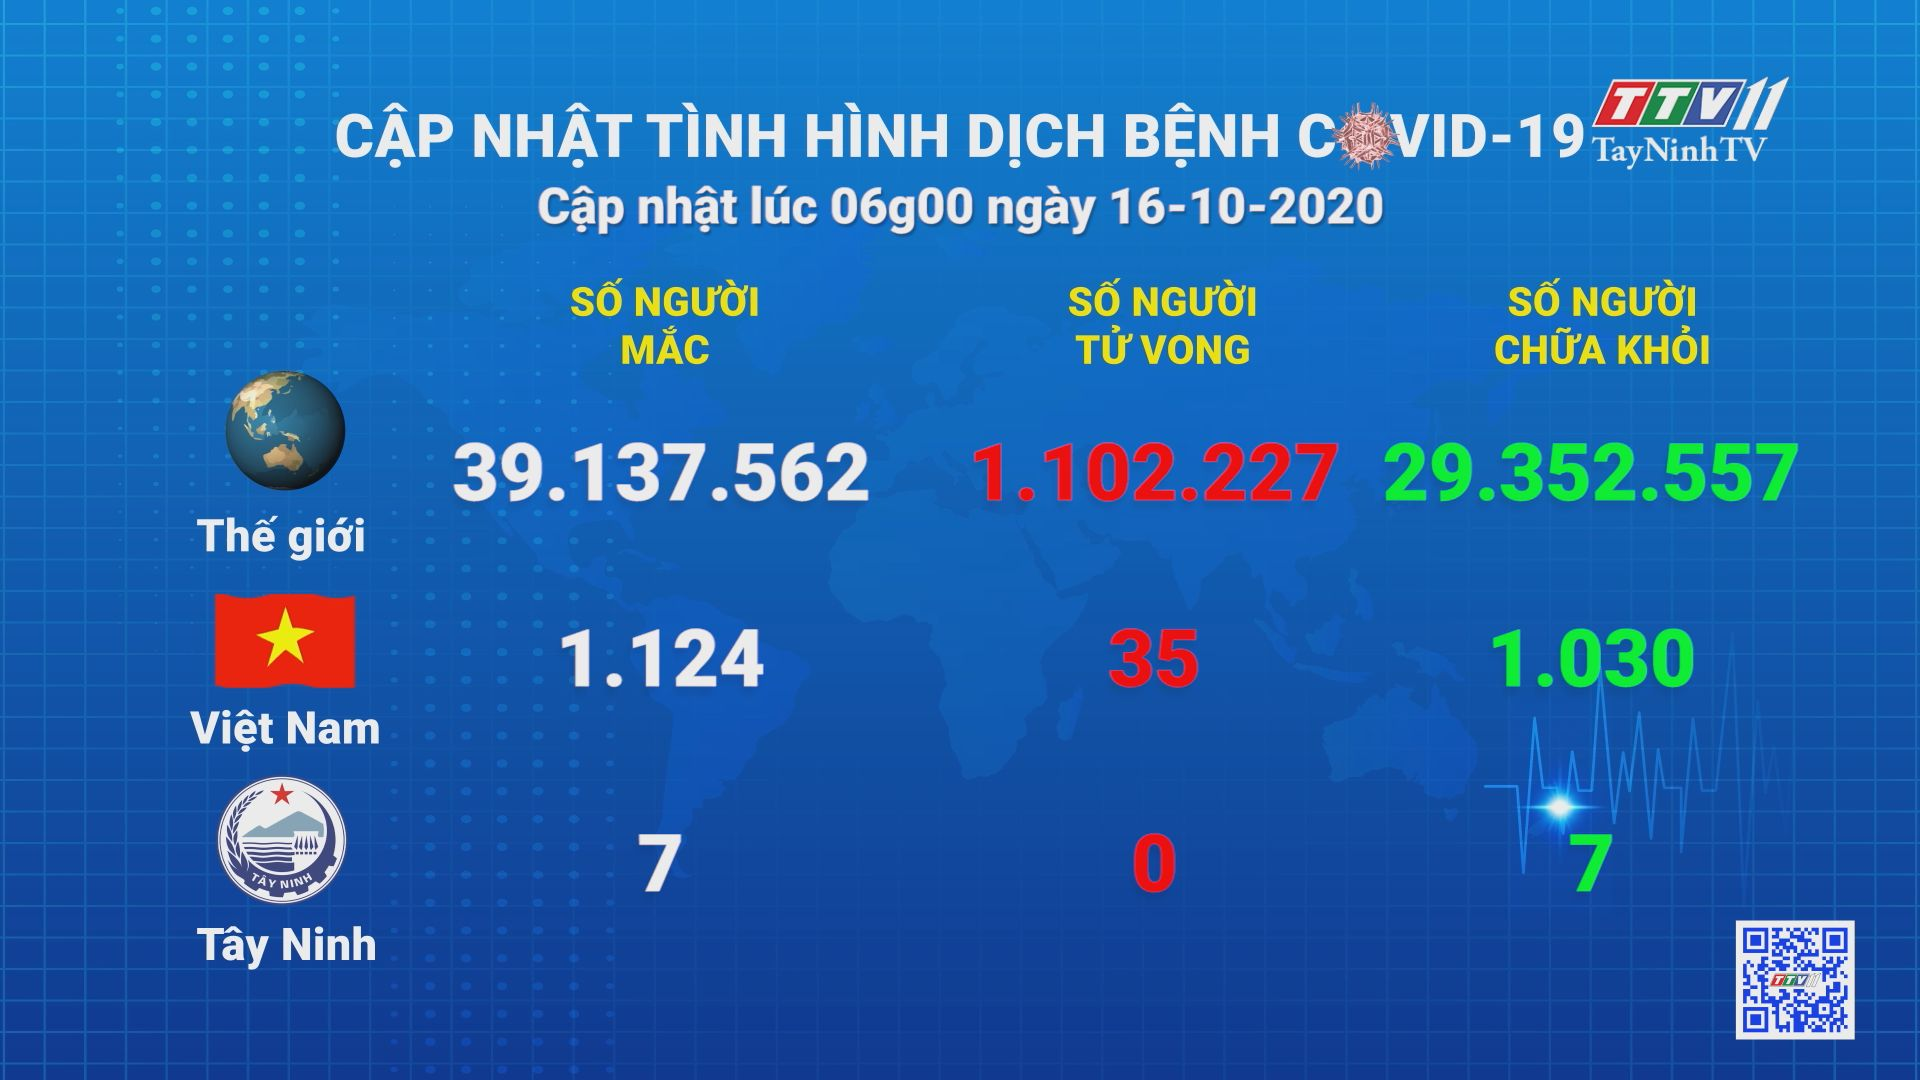 Cập nhật tình hình Covid-19 vào lúc 6 giờ 16-10-2020 | Thông tin dịch Covid-19 | TayNinhTV